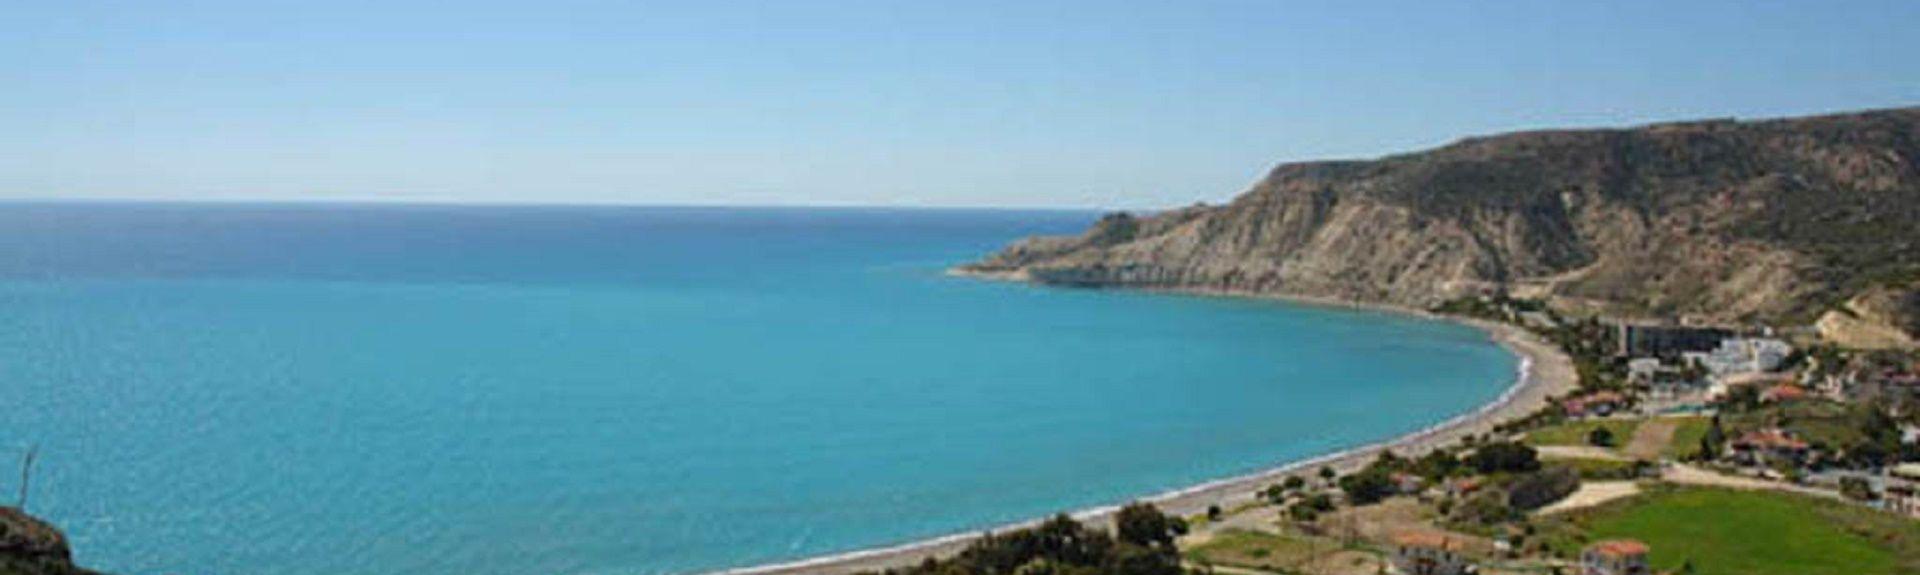 Θαλάσσιο Πάρκο Αναψυχής Αφροδίτη της Πάφου, Γεροσκήπου, Κύπρος